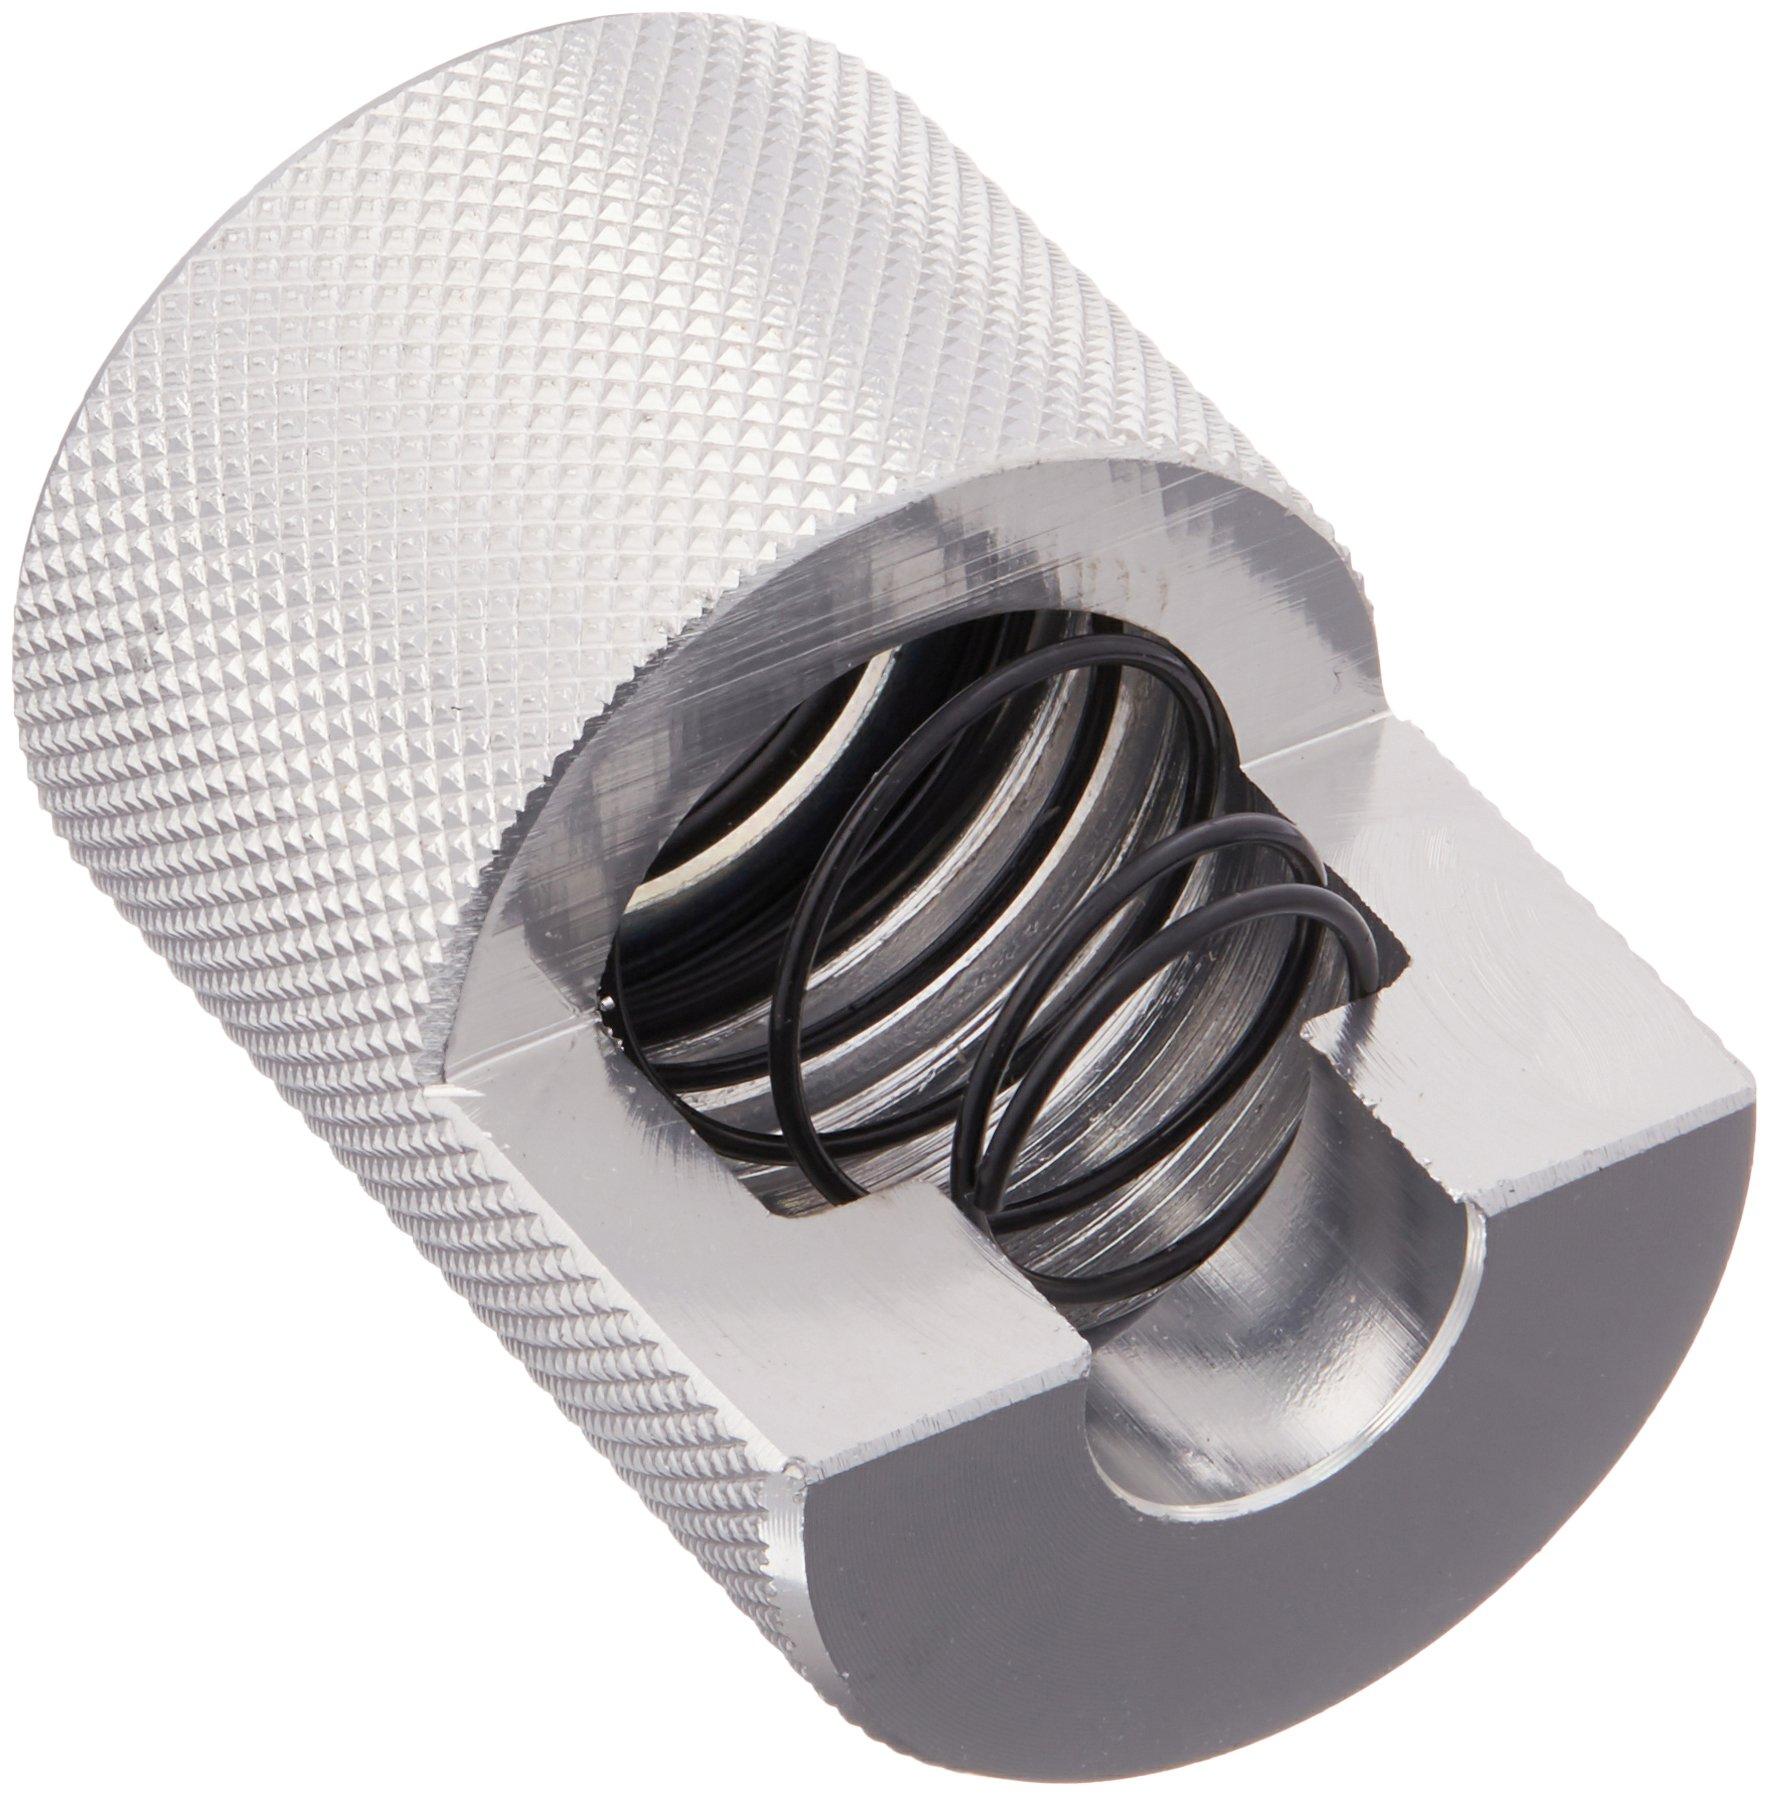 K-Tool International KTI KTI-83092 Chisel Retainer Safety Bit